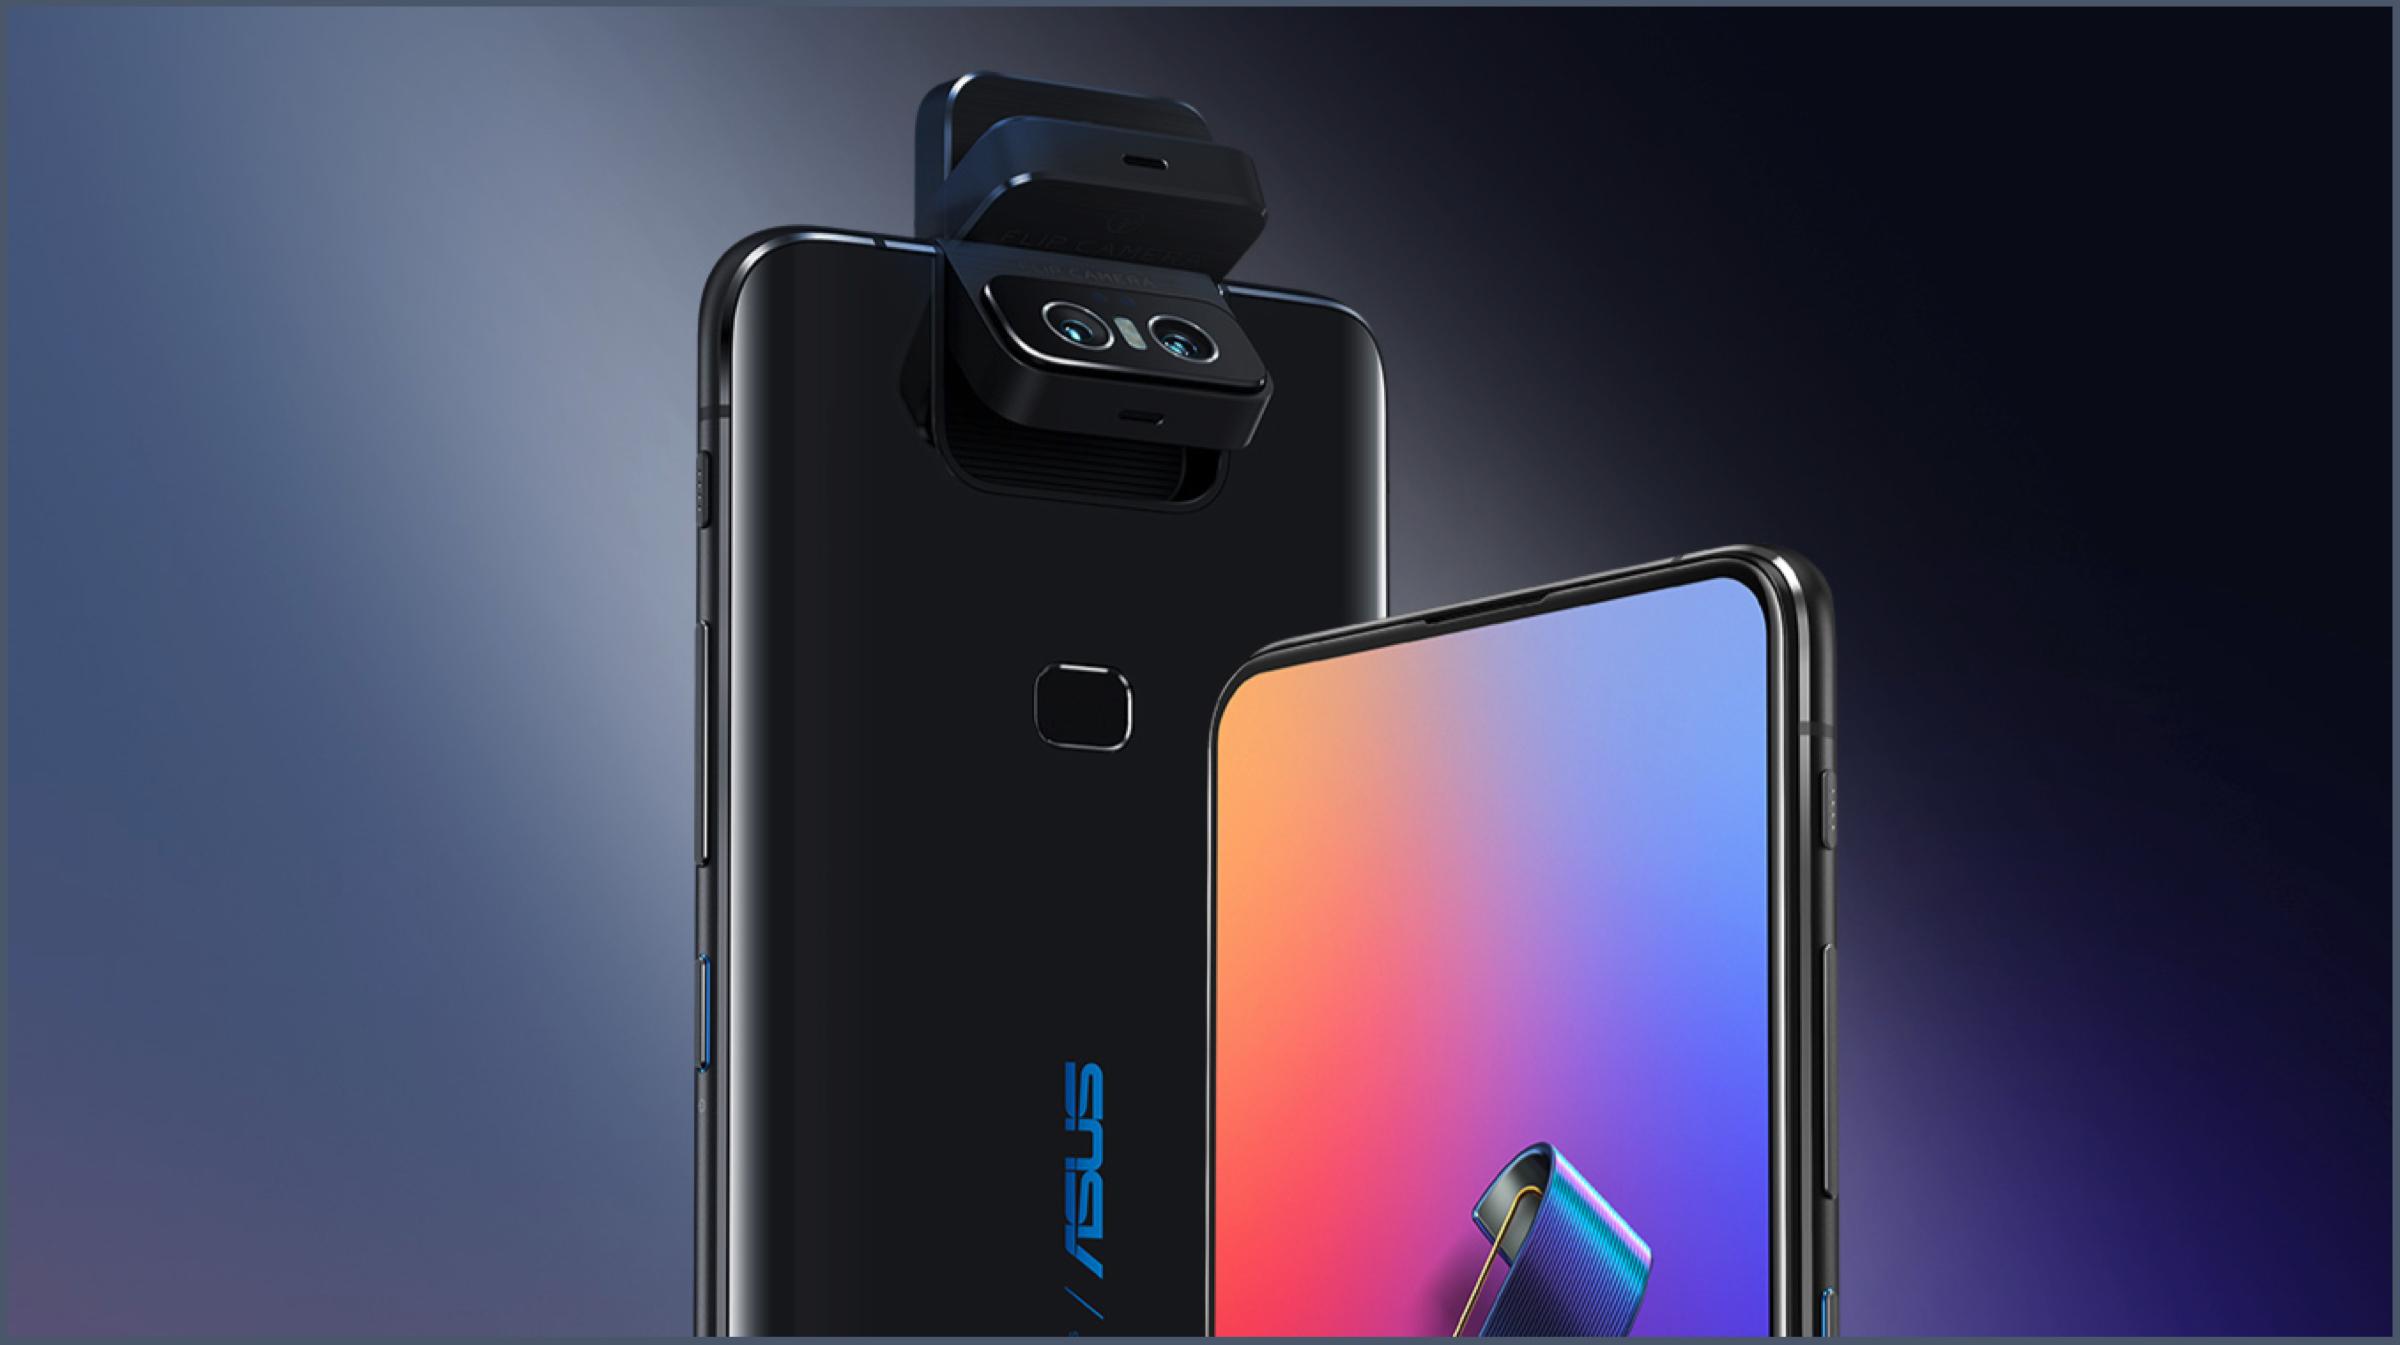 Presentado el celular Asus ZenFone 6 con cámara emergente